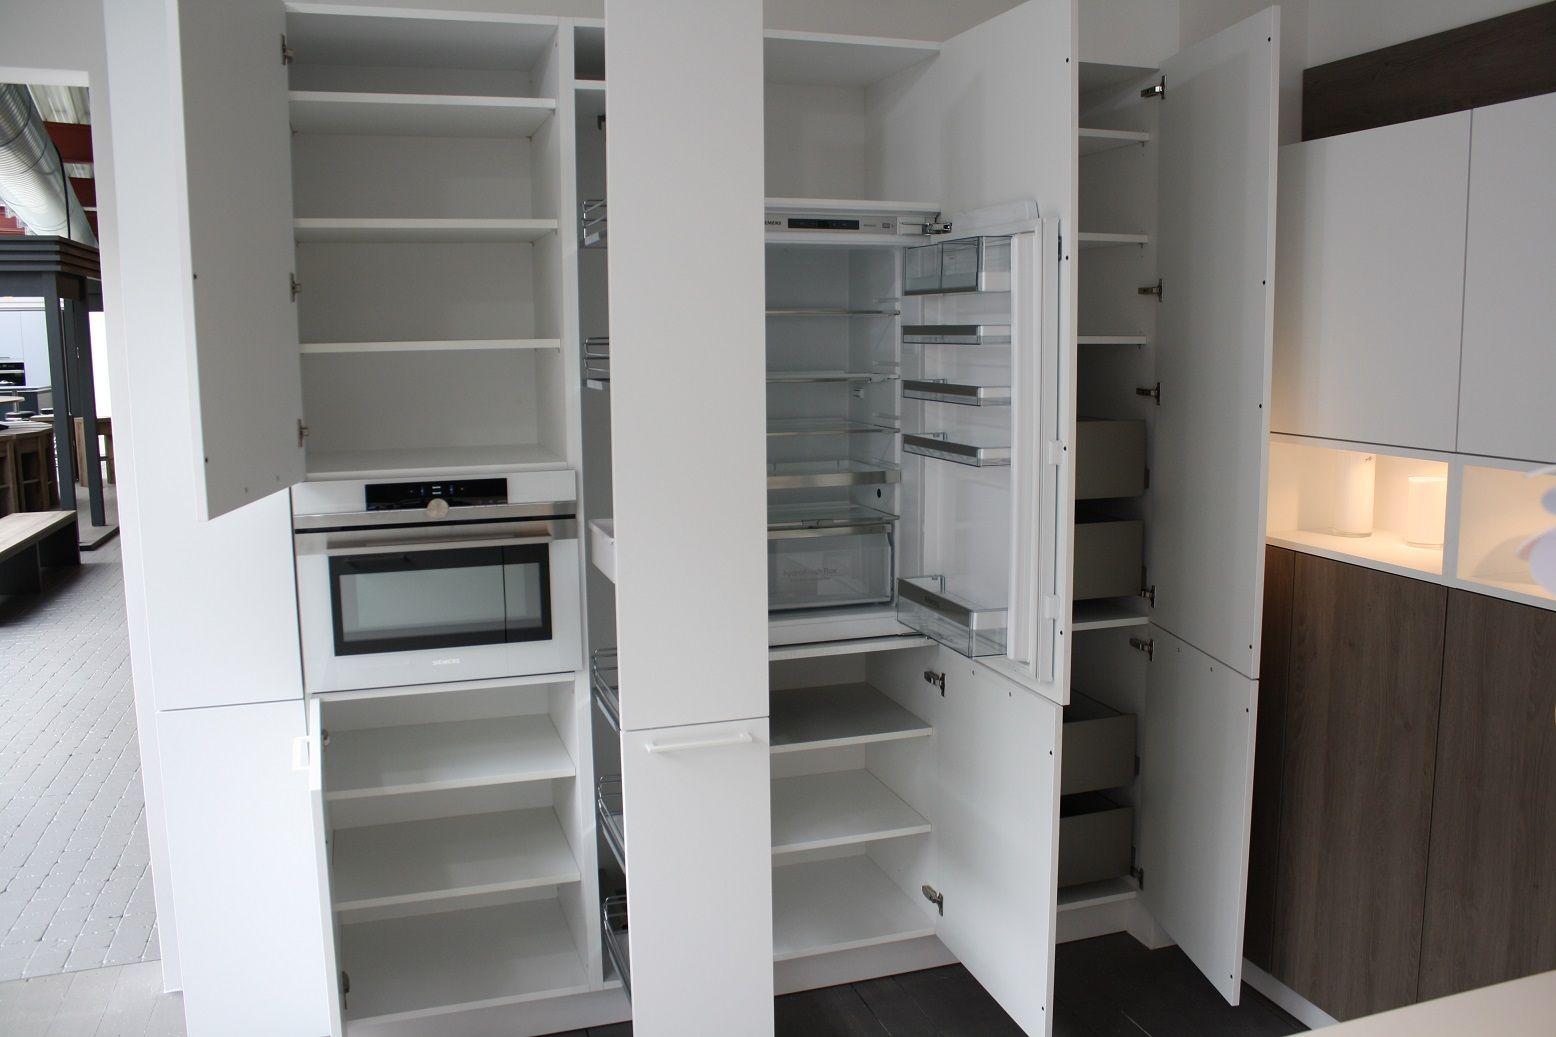 Showroomuitverkoop nl Mooie grote keuken 6 6 [55268]